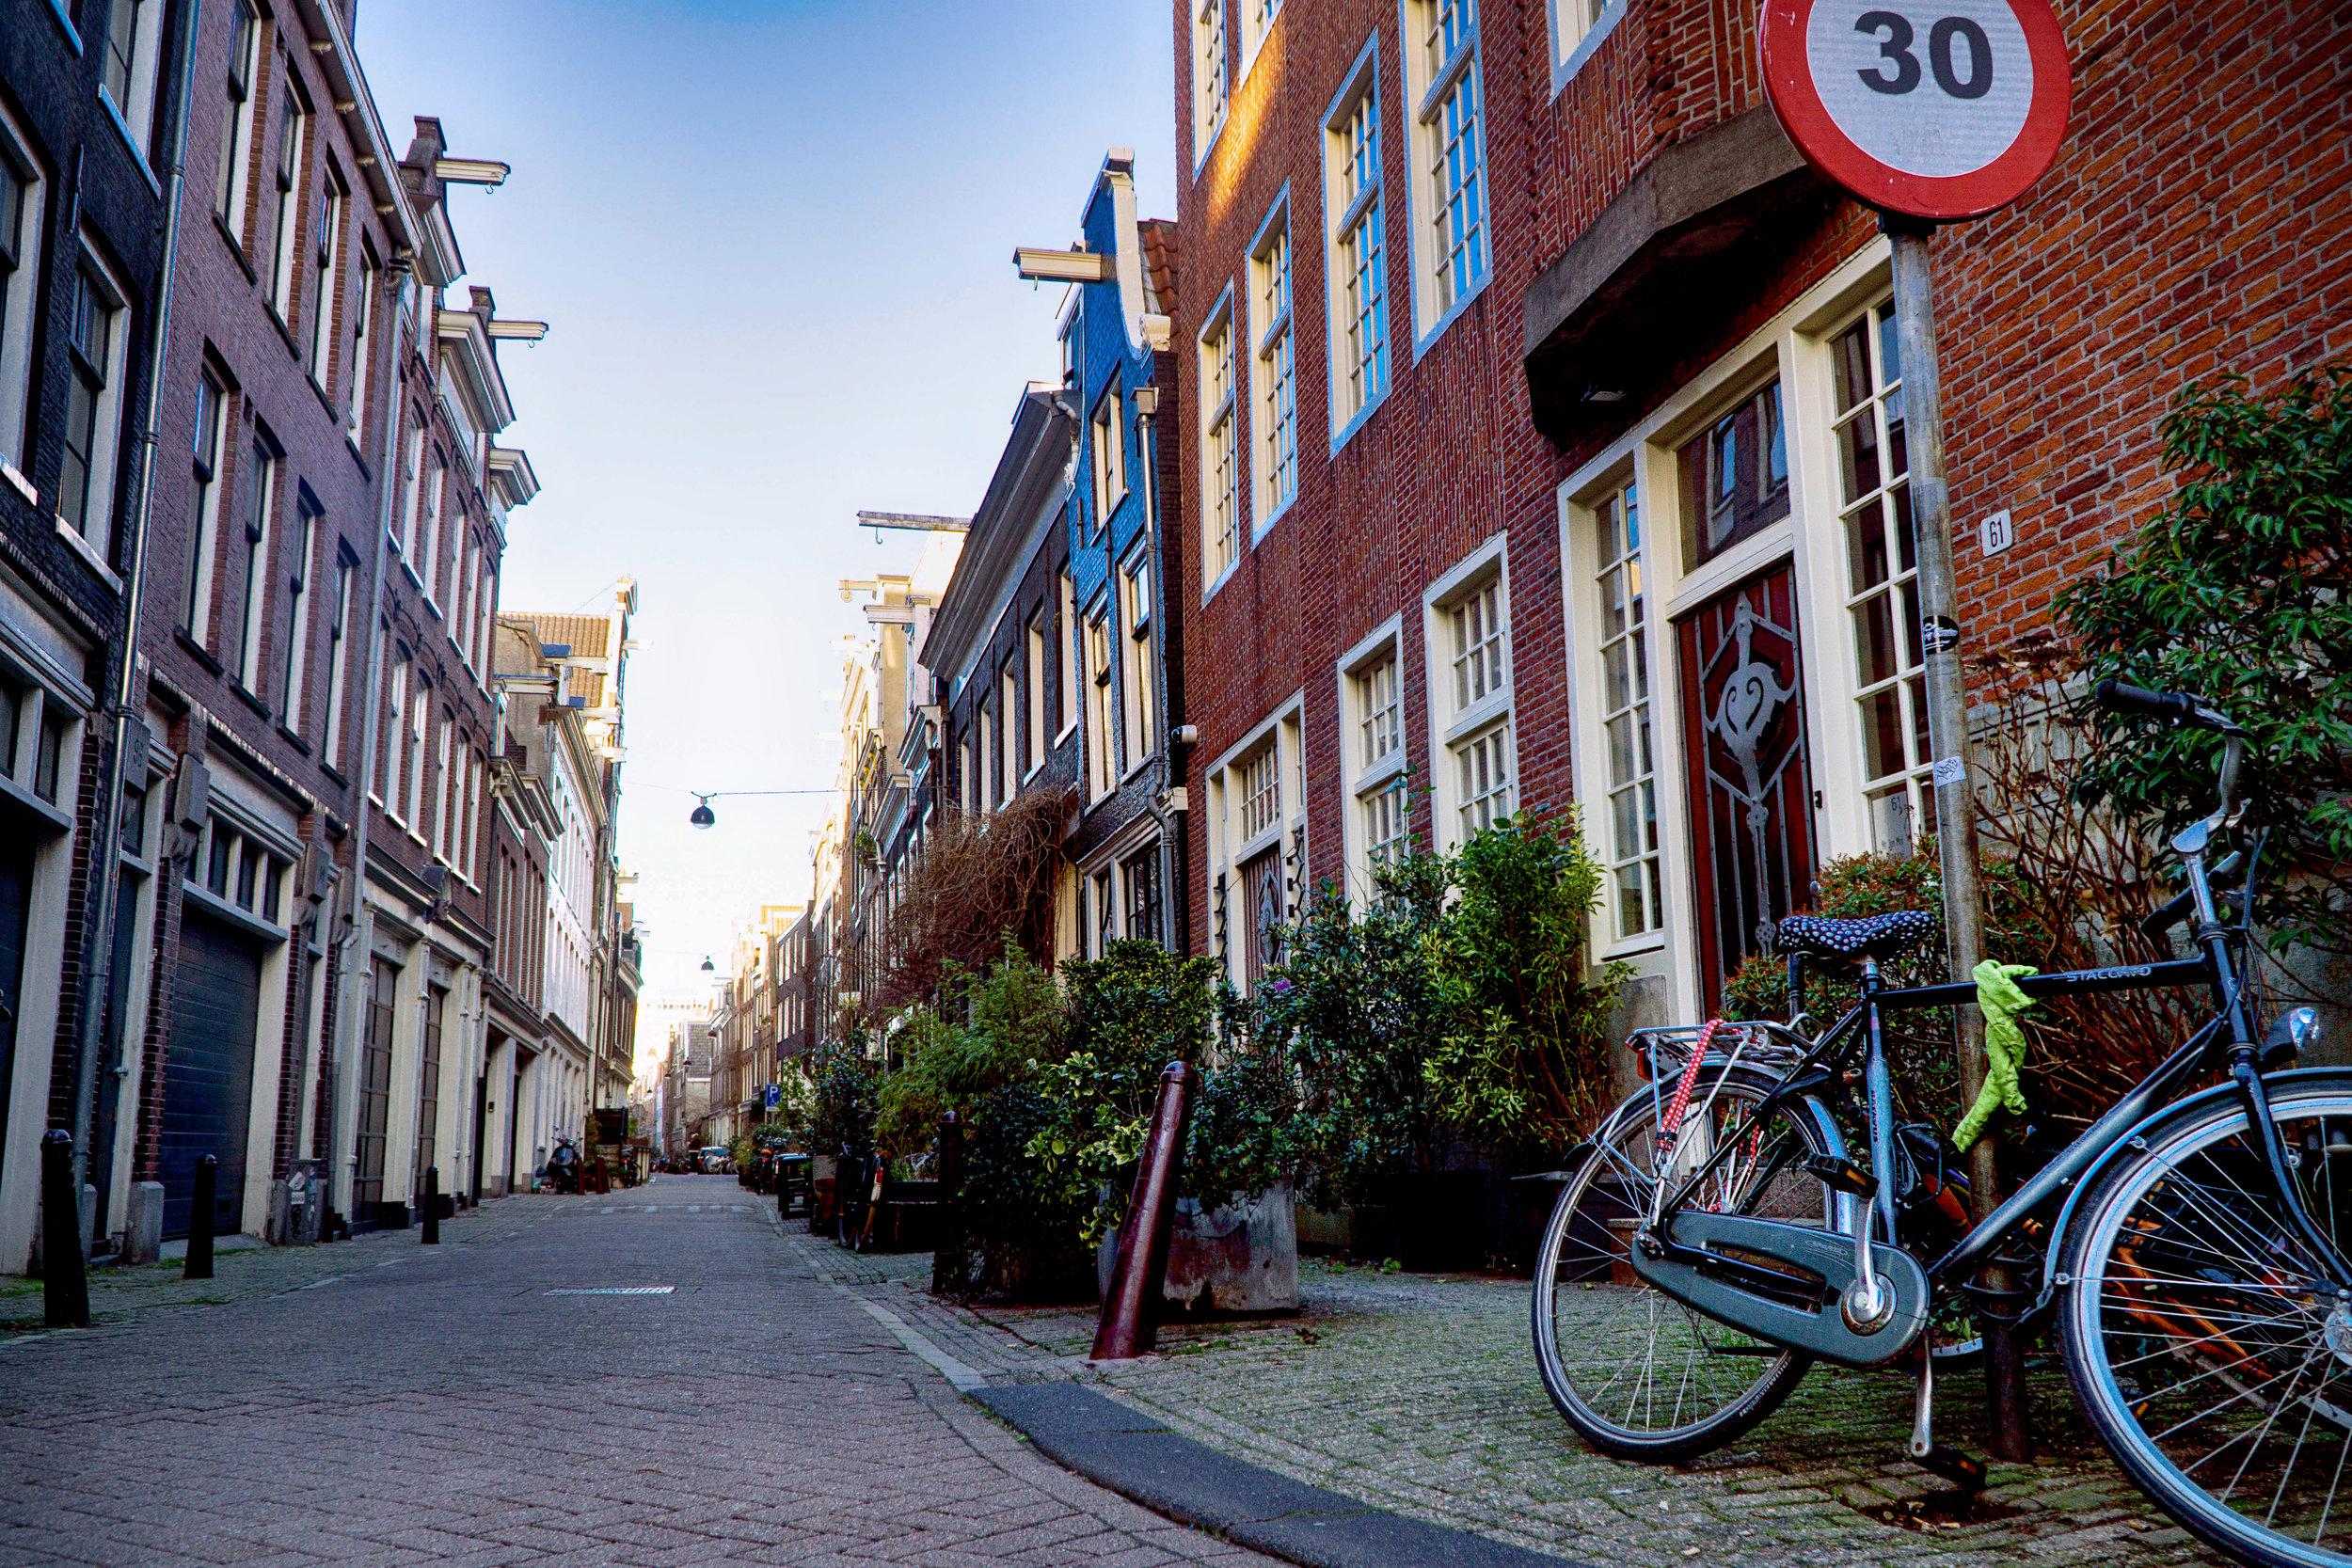 Amsterdam_vickygood_travel_photography8_sm.jpg